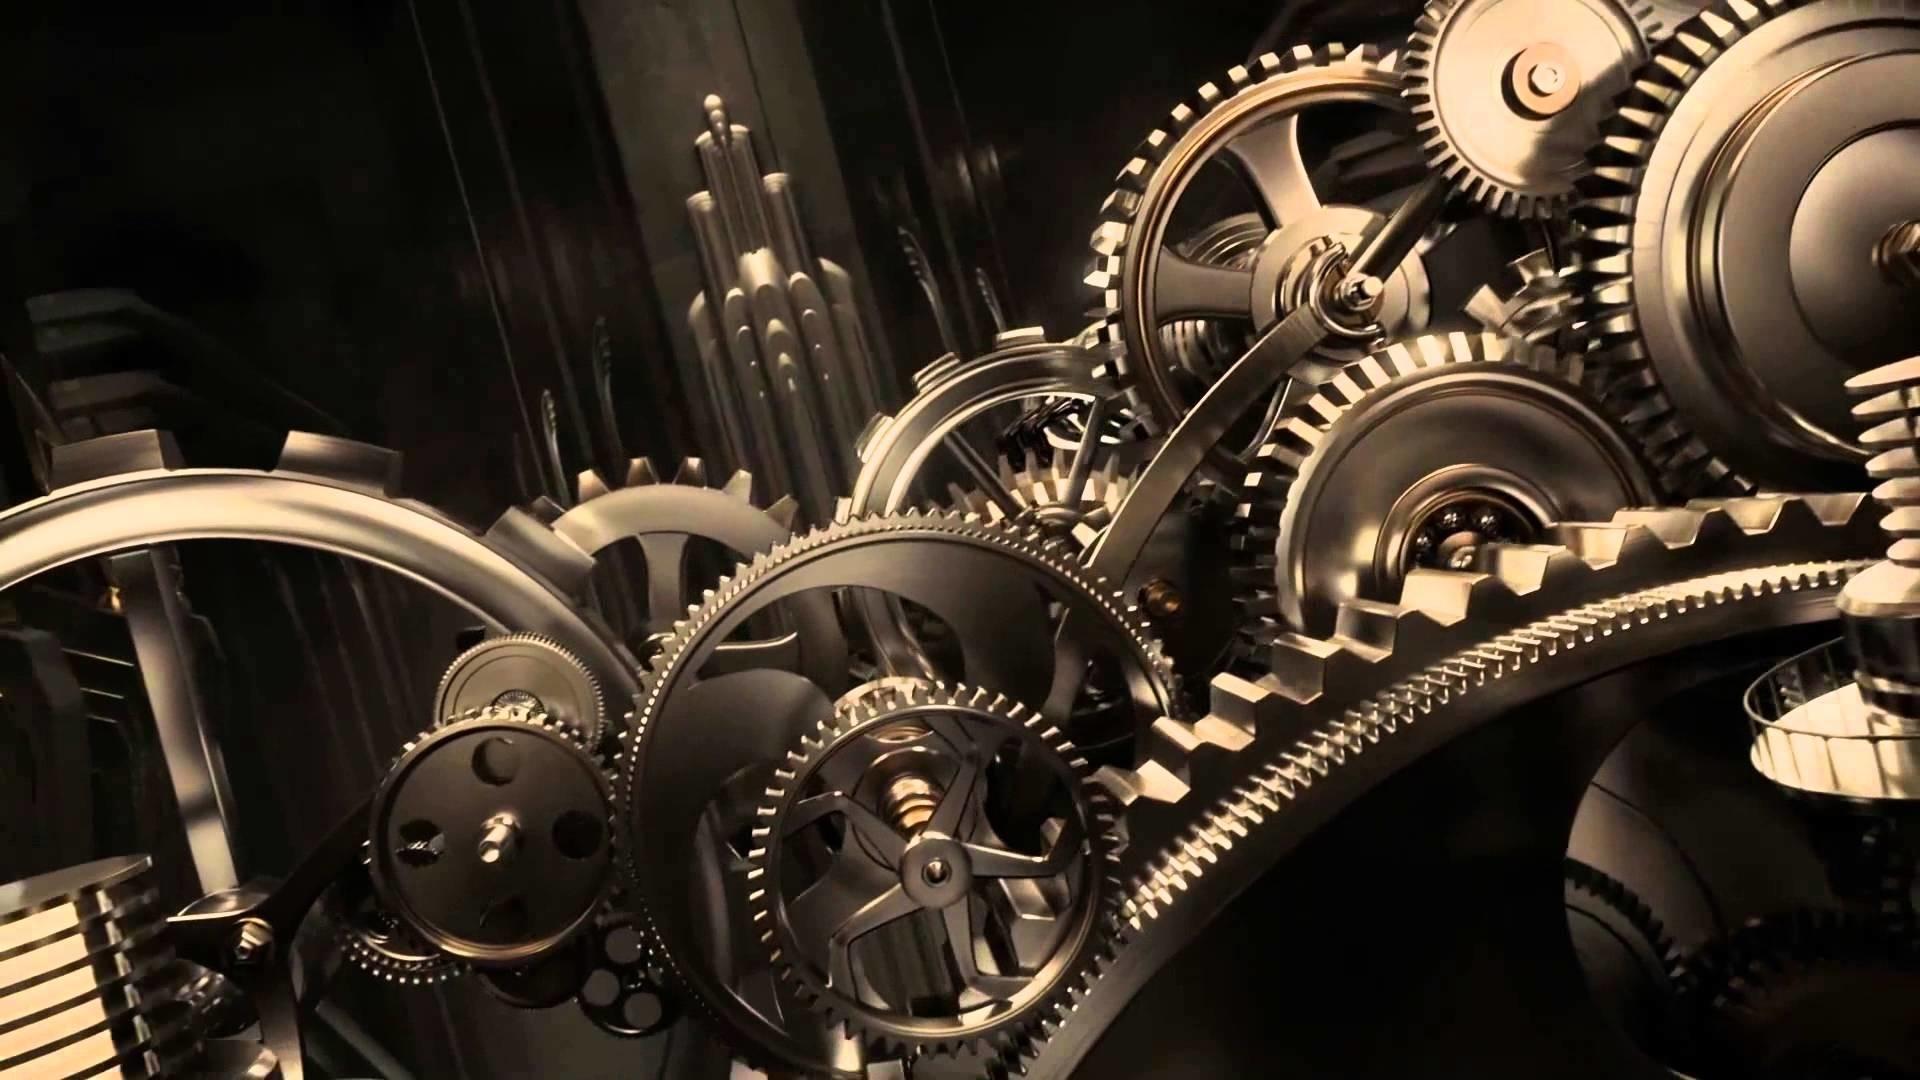 طراحی و ساخت دستگاه ها و ماشین آلات صنعتی